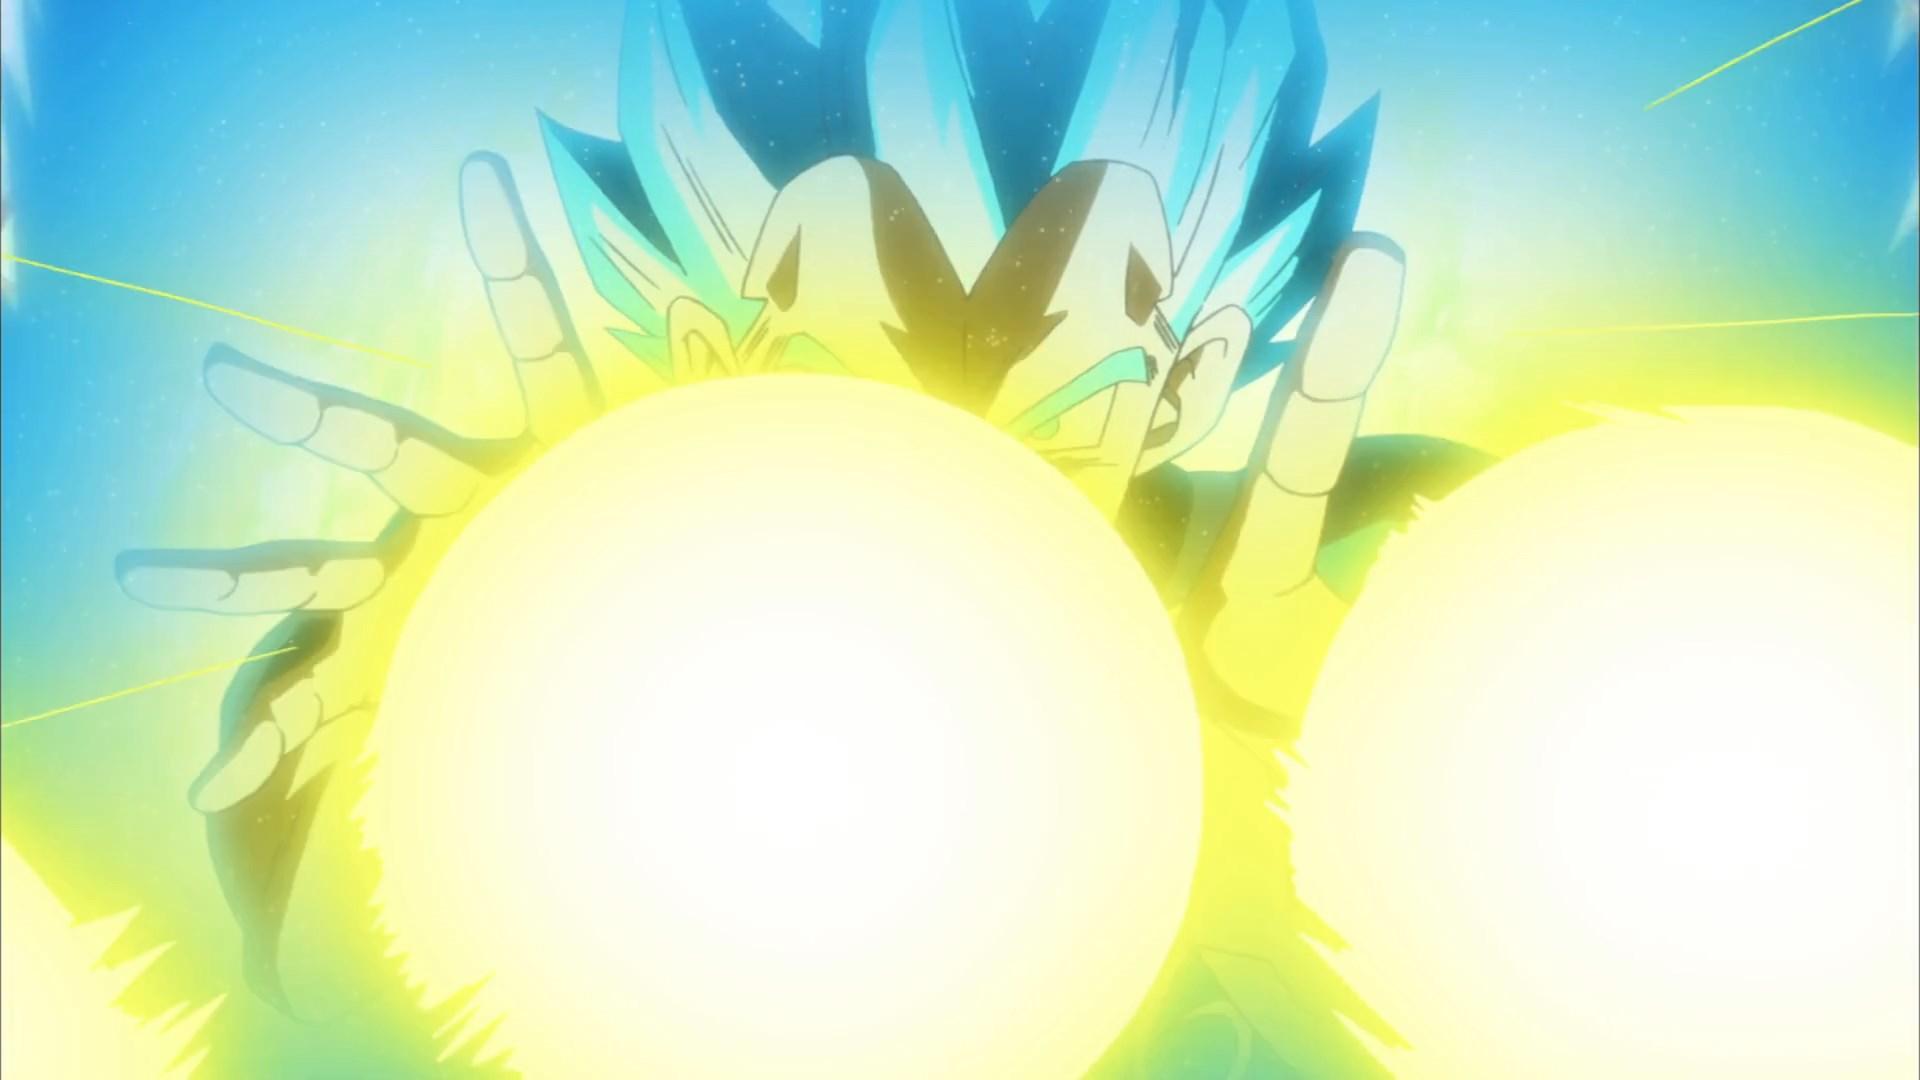 [DS] Dragon Ball Super 070 [1080p].mkv_snapshot_15.50_[2016.12.11_03.52.08]